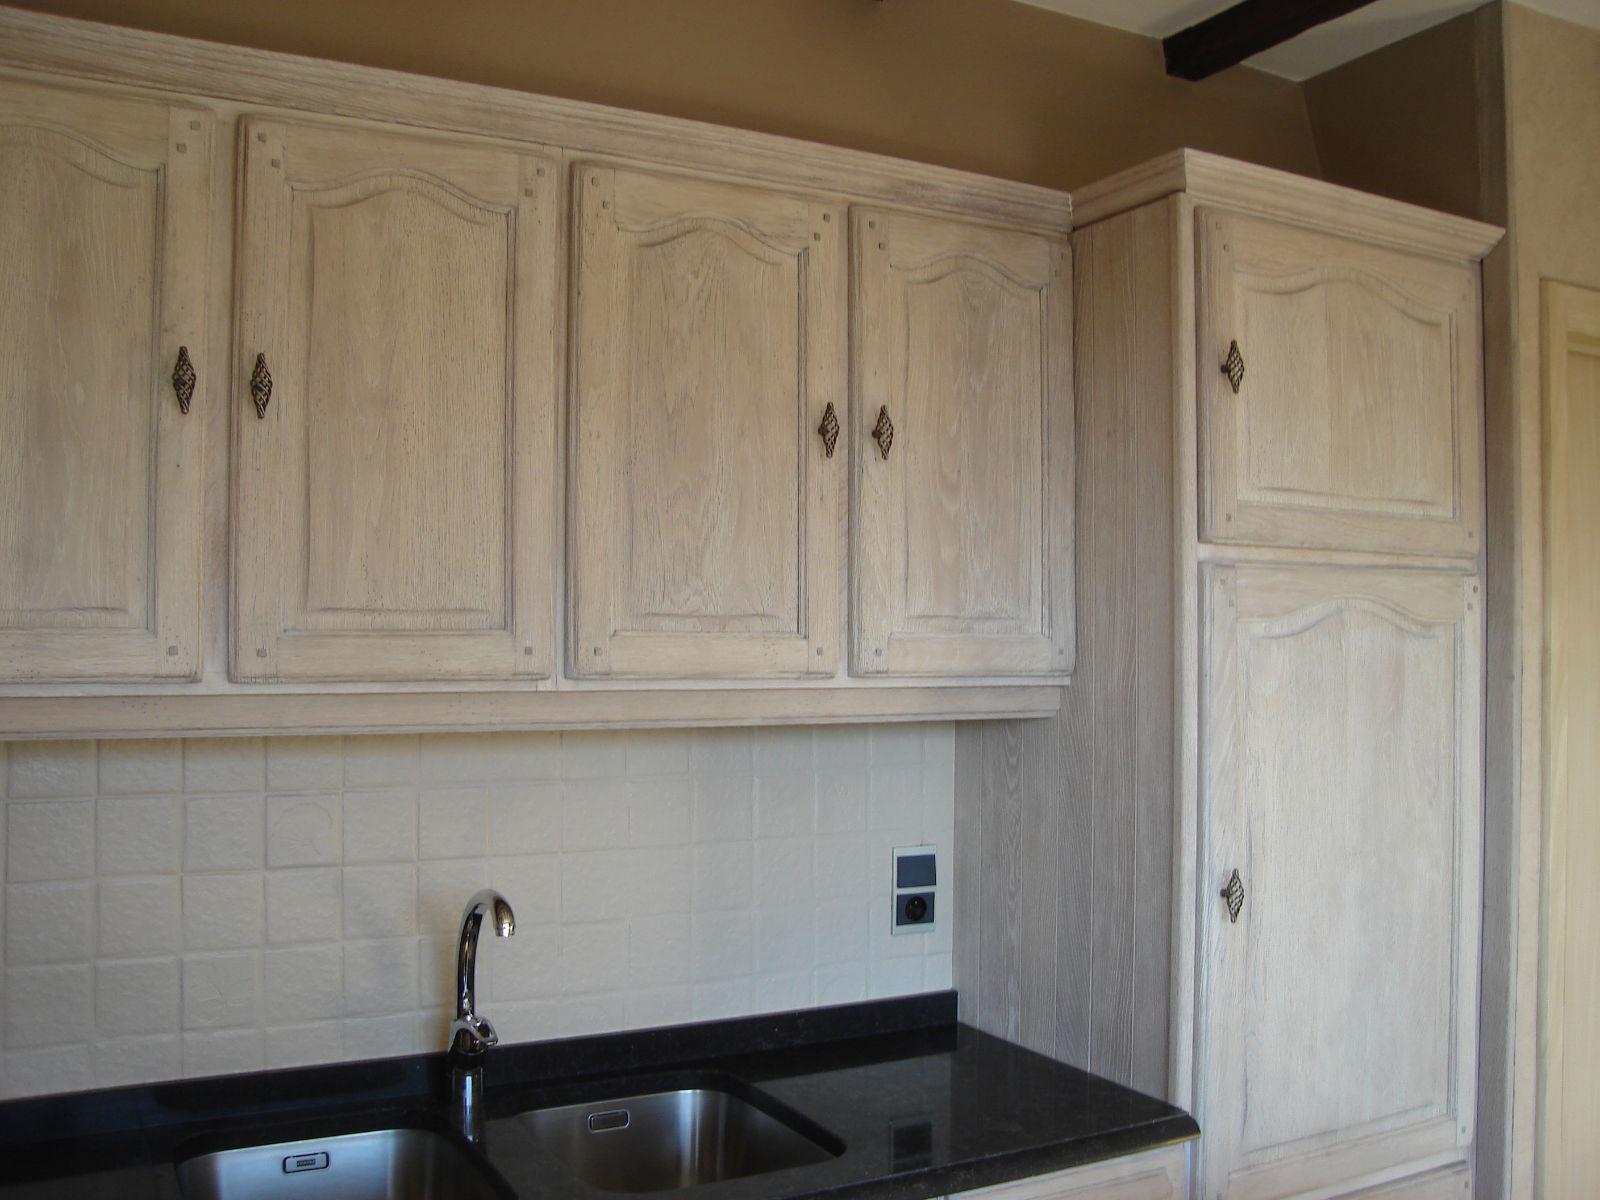 Eiken Keuken Whitewashen : Renovatie van een eiken keuken Renovatie van eiken keukens